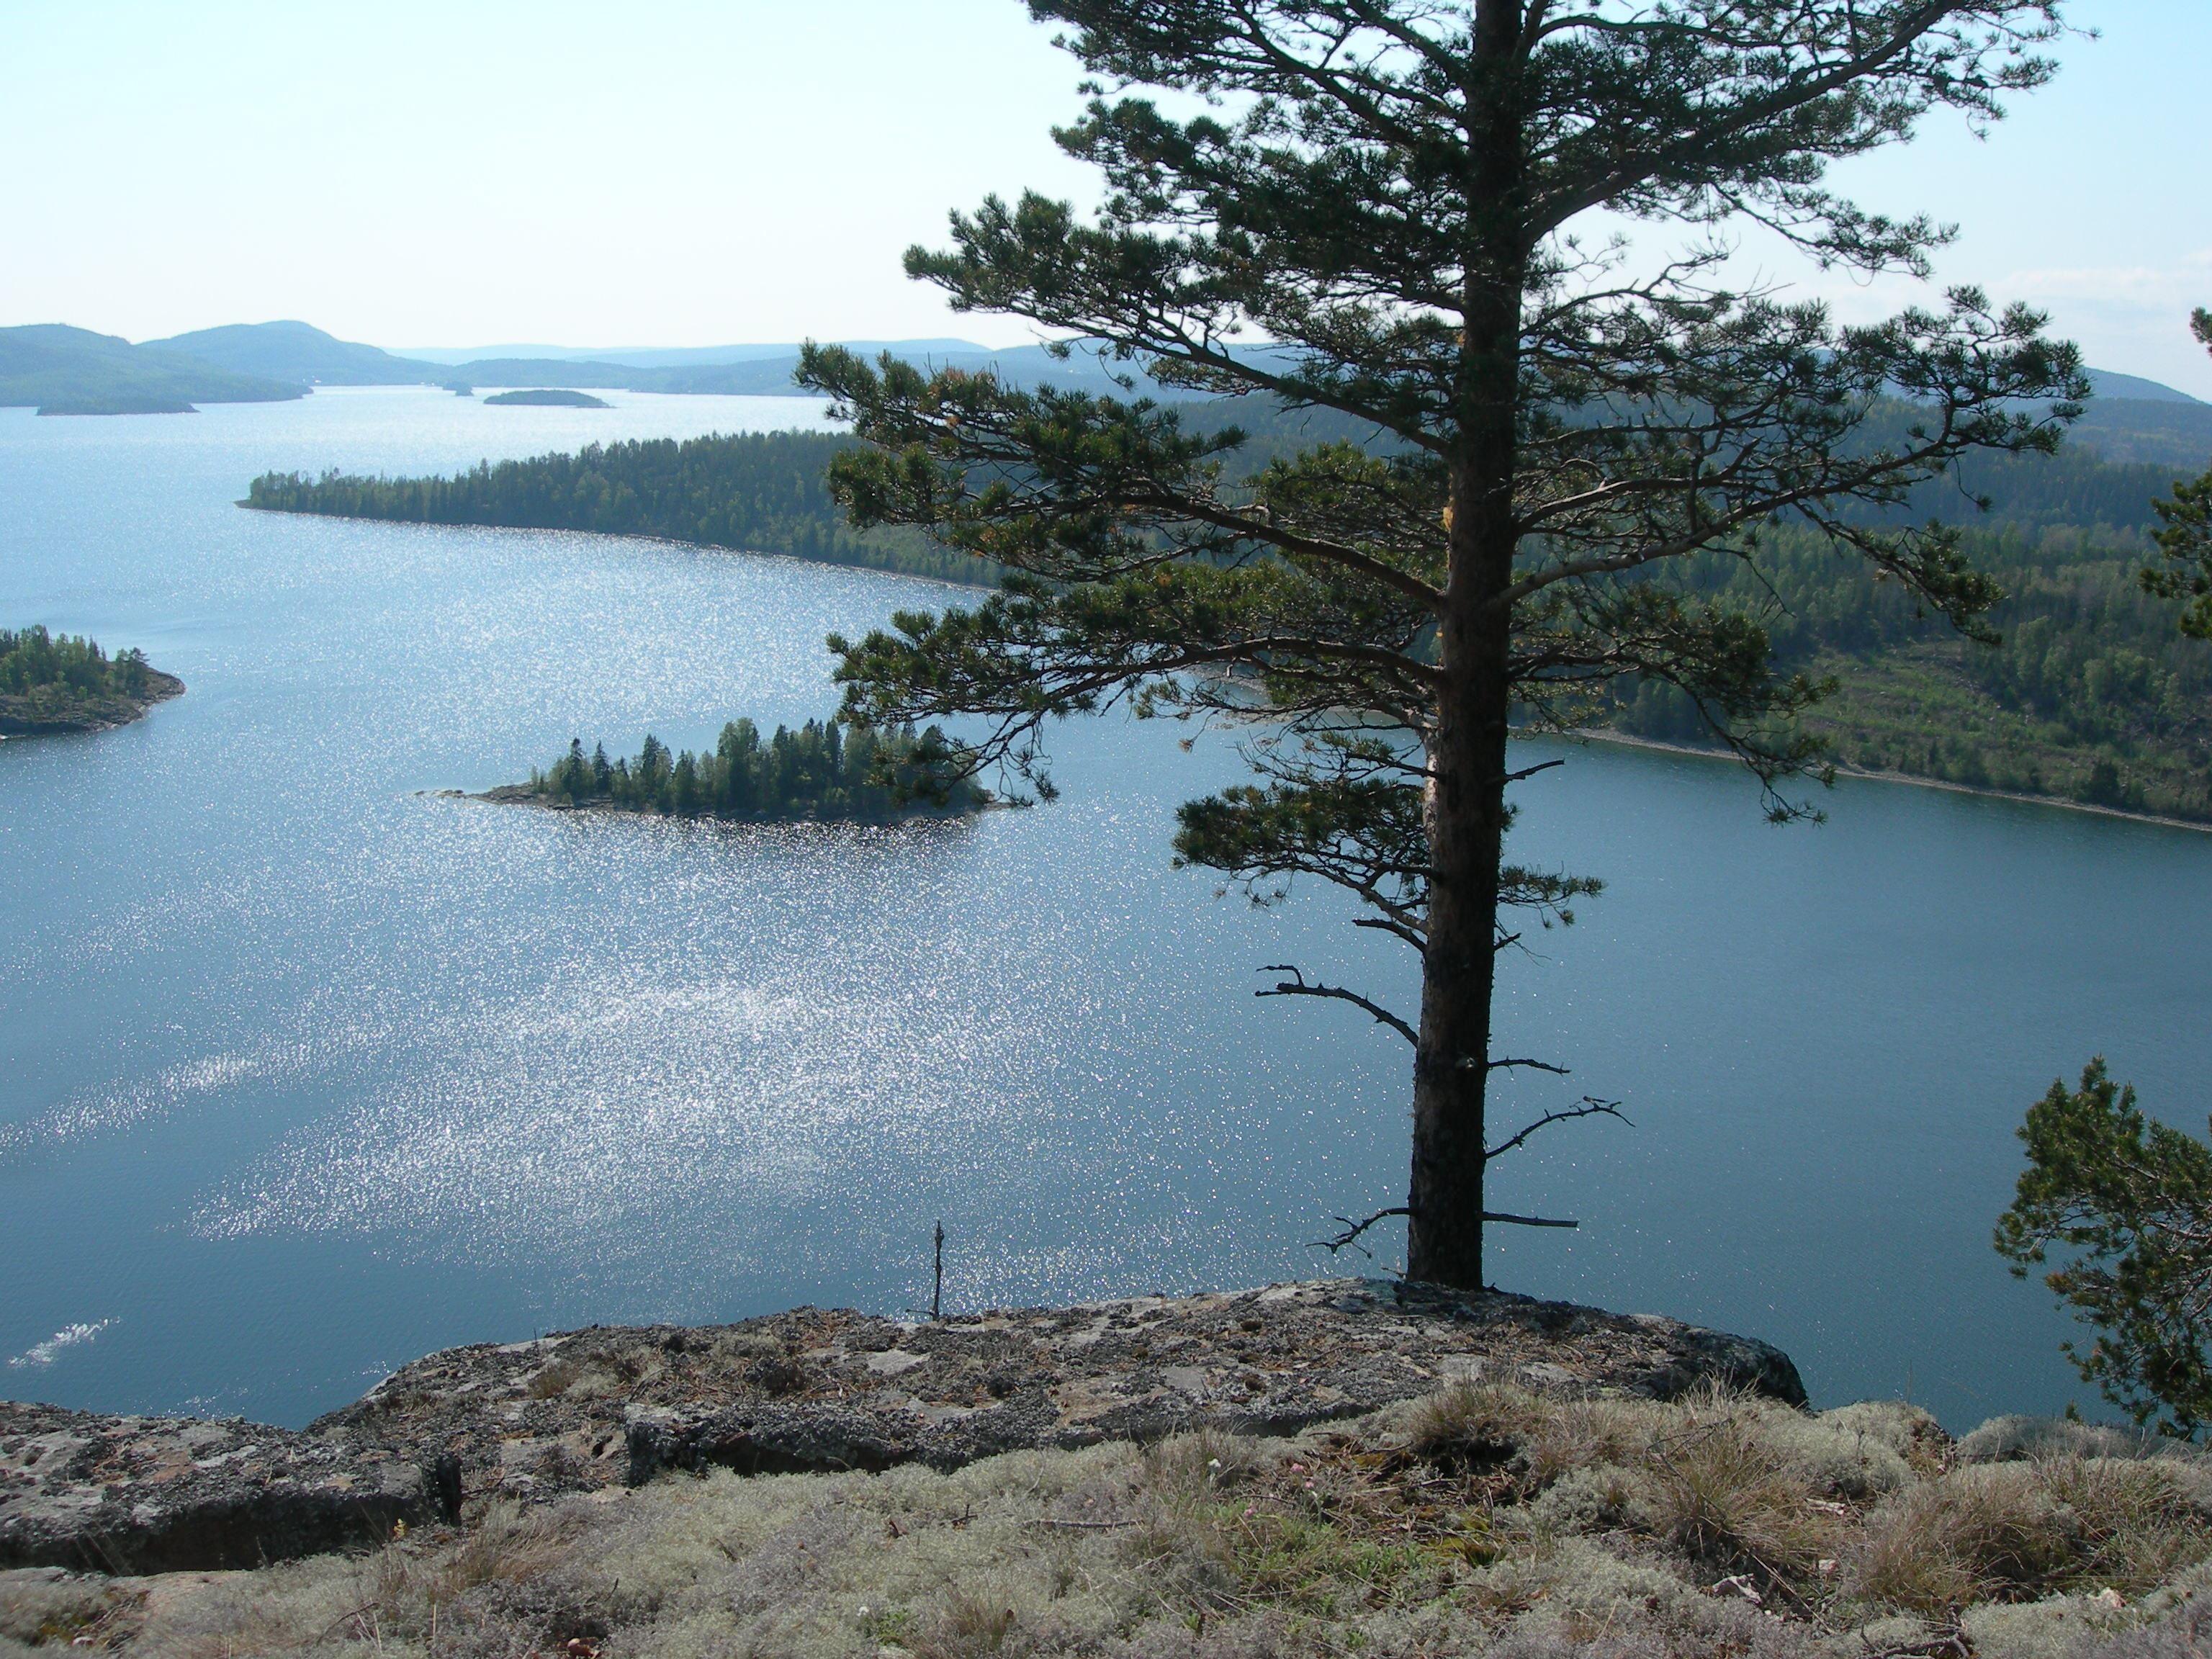 Det bästa av Höga kusten - Att vandra i ett magiskt landskap